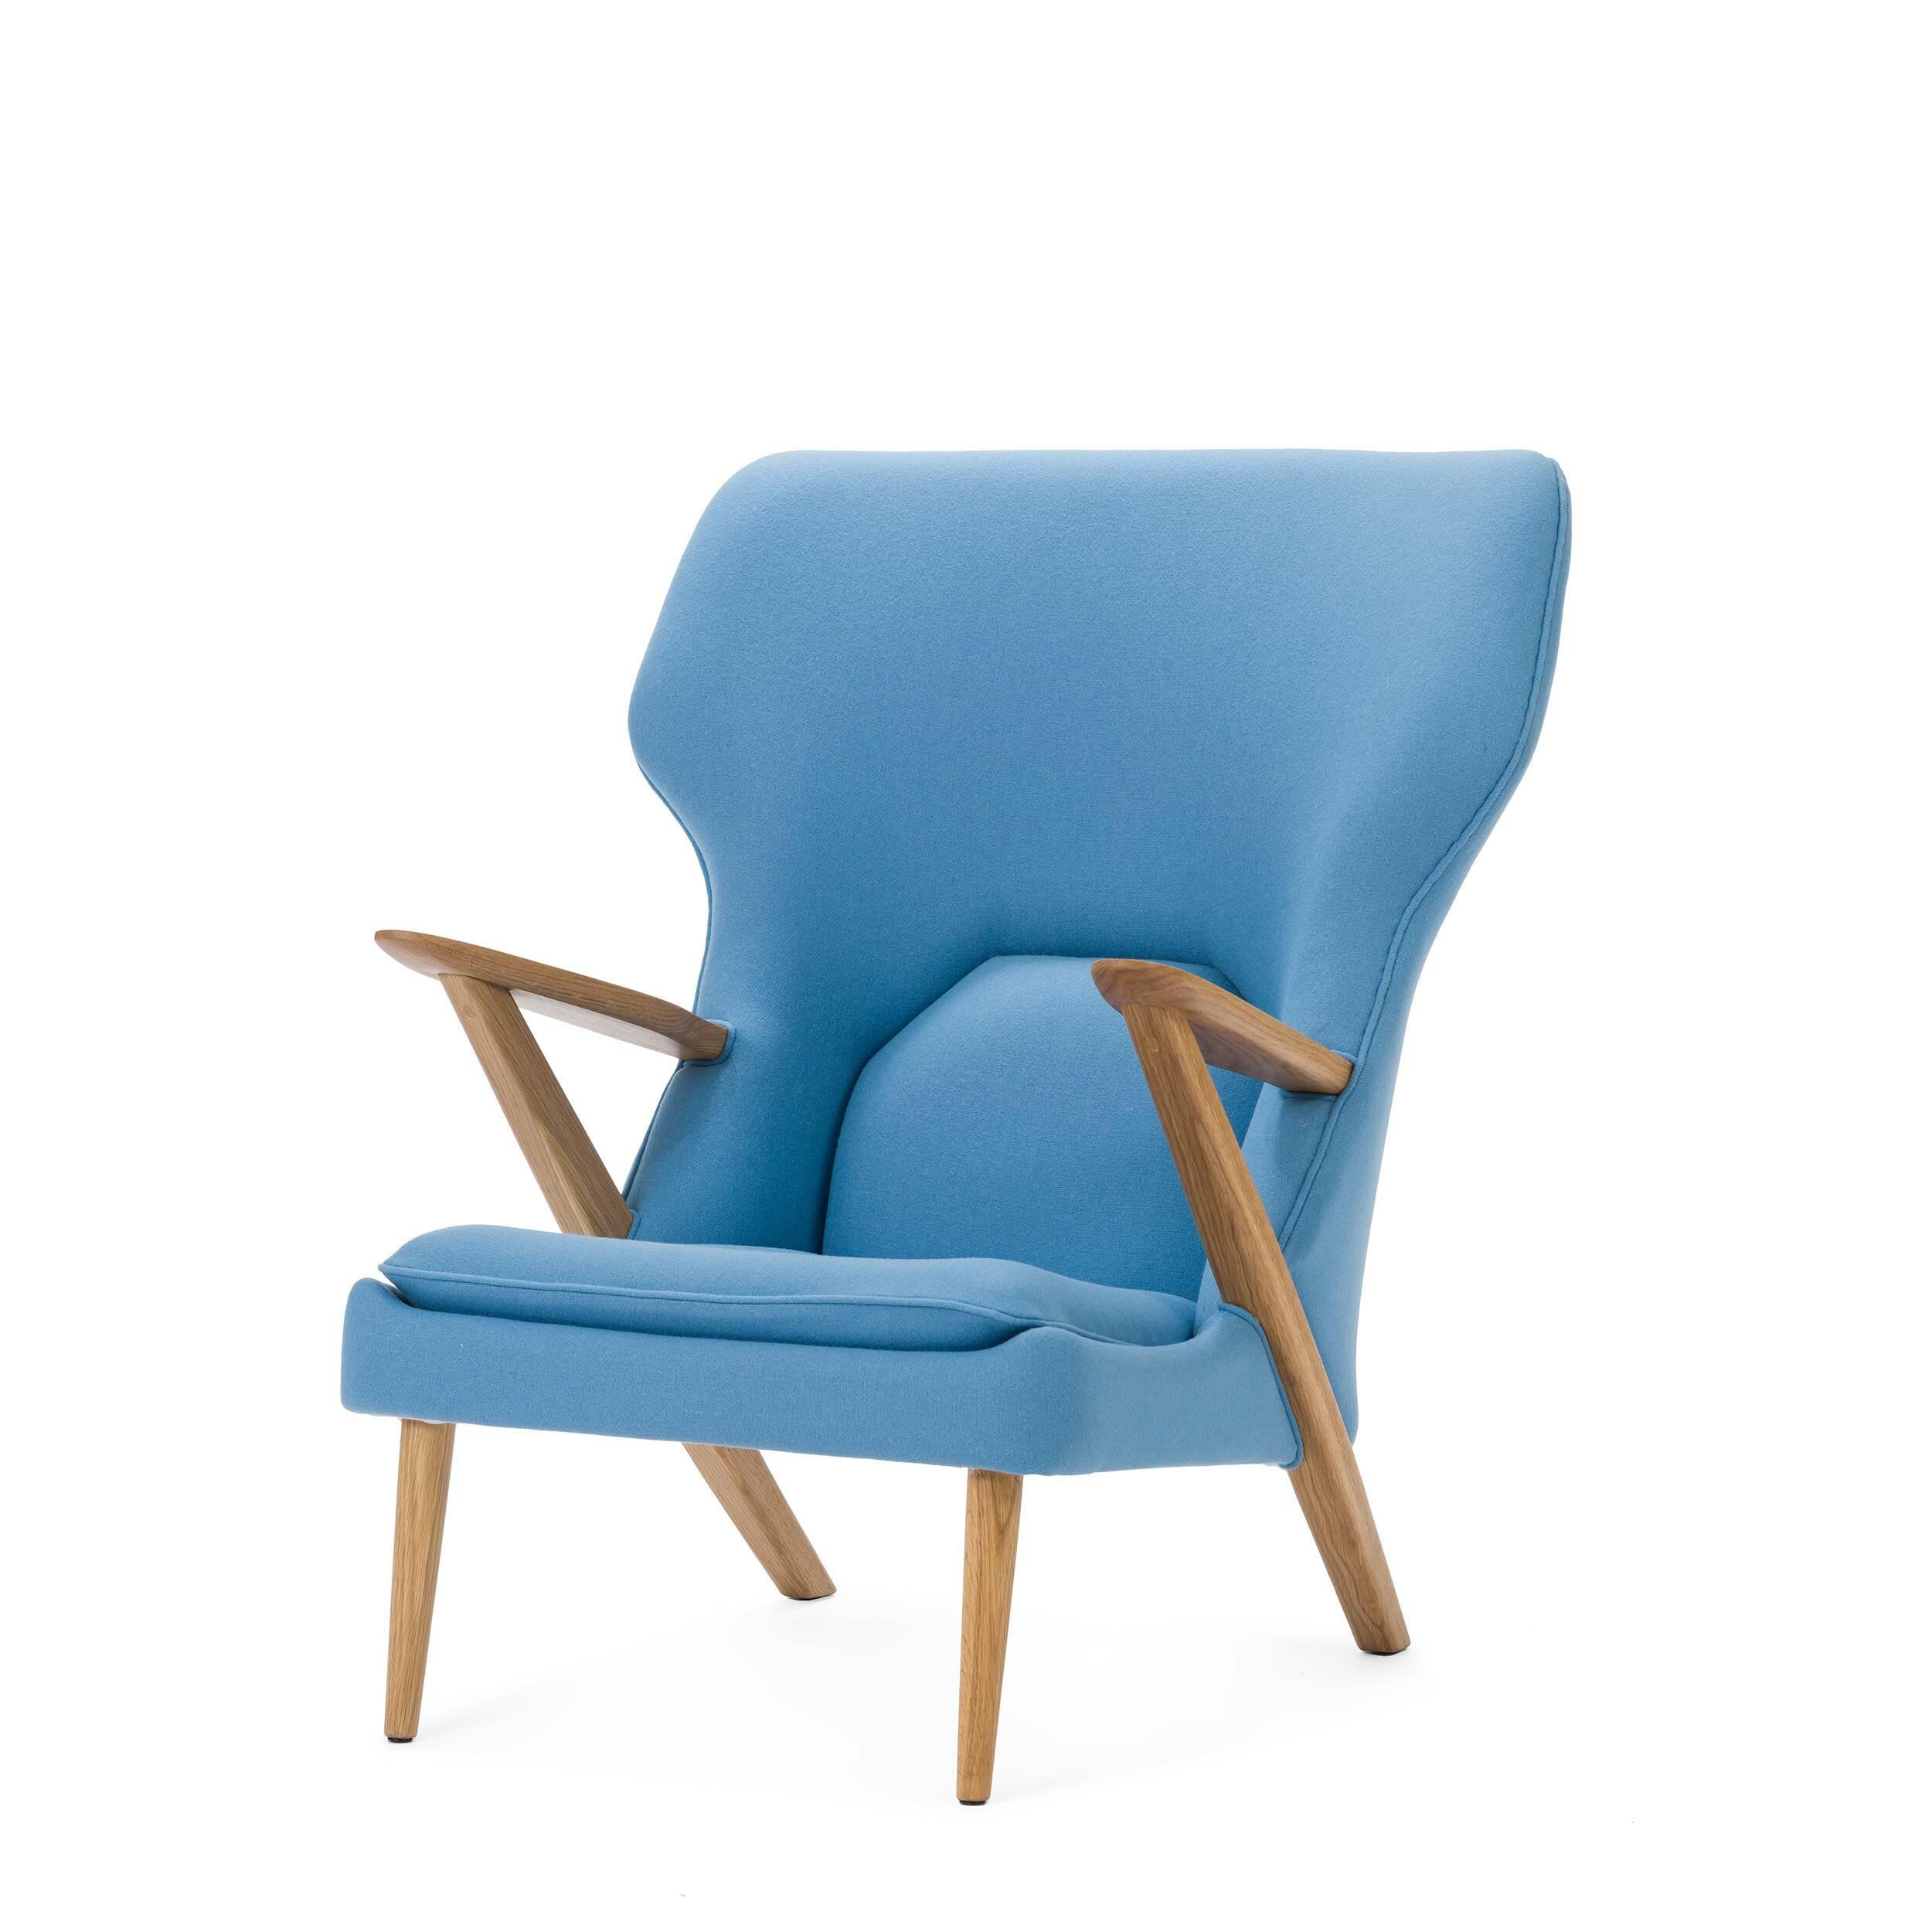 Кресло Little BearИнтерьерные<br>Дизайнерское легкое комфортное кресло Little Bear (Литл Бир) с широкой спинкой и деревянным каркасом от Cosmo (Космо).<br><br><br> Датчанина Ханса Вегнера по праву можно величать королем стульев — за всю жизнь он спроектировал их около пятисот. Его творения входят в коллекцию всех музеев современного искусства, от Центра Помпиду до MoMA, на кресле «Бык» сидит Доктор Зло в «Остине Пауэрсе», в креслах Вегнера вели дебаты Кеннеди и Никсон и снимался Дмитрий Медведев.<br><br><br> Вегнер, верный птенец гн...<br><br>stock: 0<br>Высота: 94<br>Высота сиденья: 37<br>Ширина: 82,5<br>Глубина: 87<br>Материал каркаса: Массив дуба<br>Материал обивки: Шерсть, Нейлон<br>Тип материала каркаса: Дерево<br>Коллекция ткани: T Fabric<br>Тип материала обивки: Ткань<br>Цвет обивки: Светло-голубой<br>Цвет каркаса: Дуб